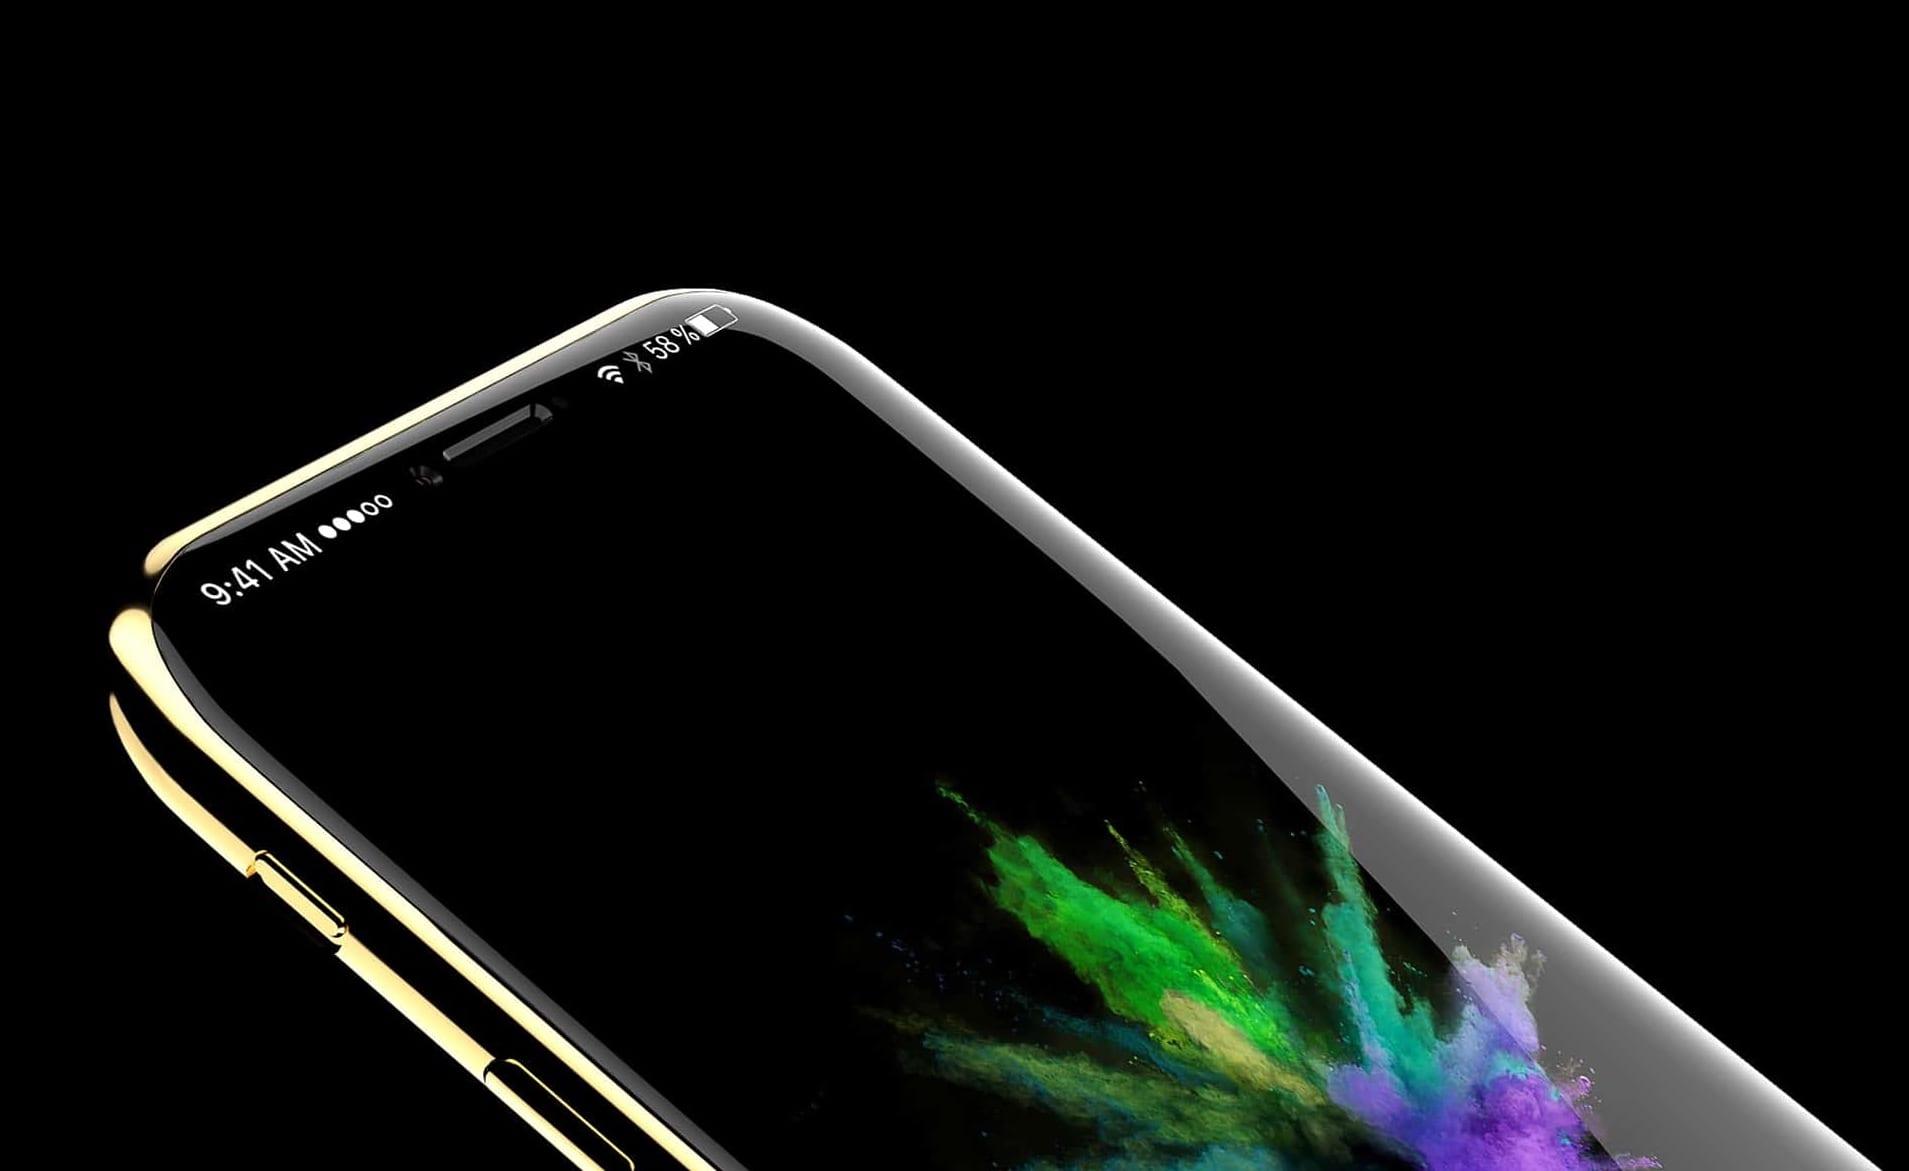 iphone 8 concept gold handy abovergleich - Nový iPhone 8 bude mať možno exkluzívnejší názov